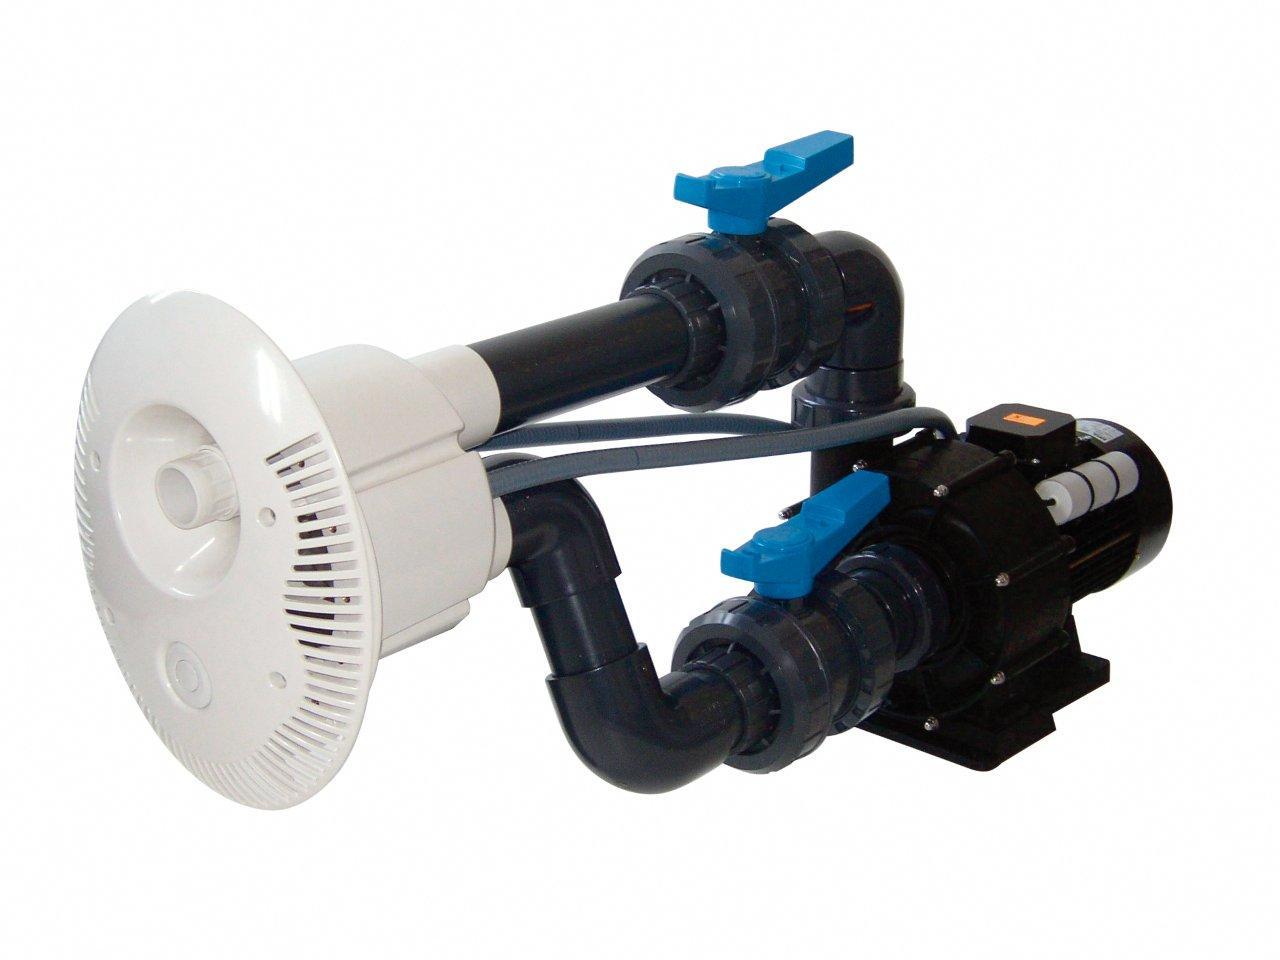 Protiproud V-JET 66 m3/h, 230 V, 2,2 kW, pro fóliové a předvyrobené baz. potrubí